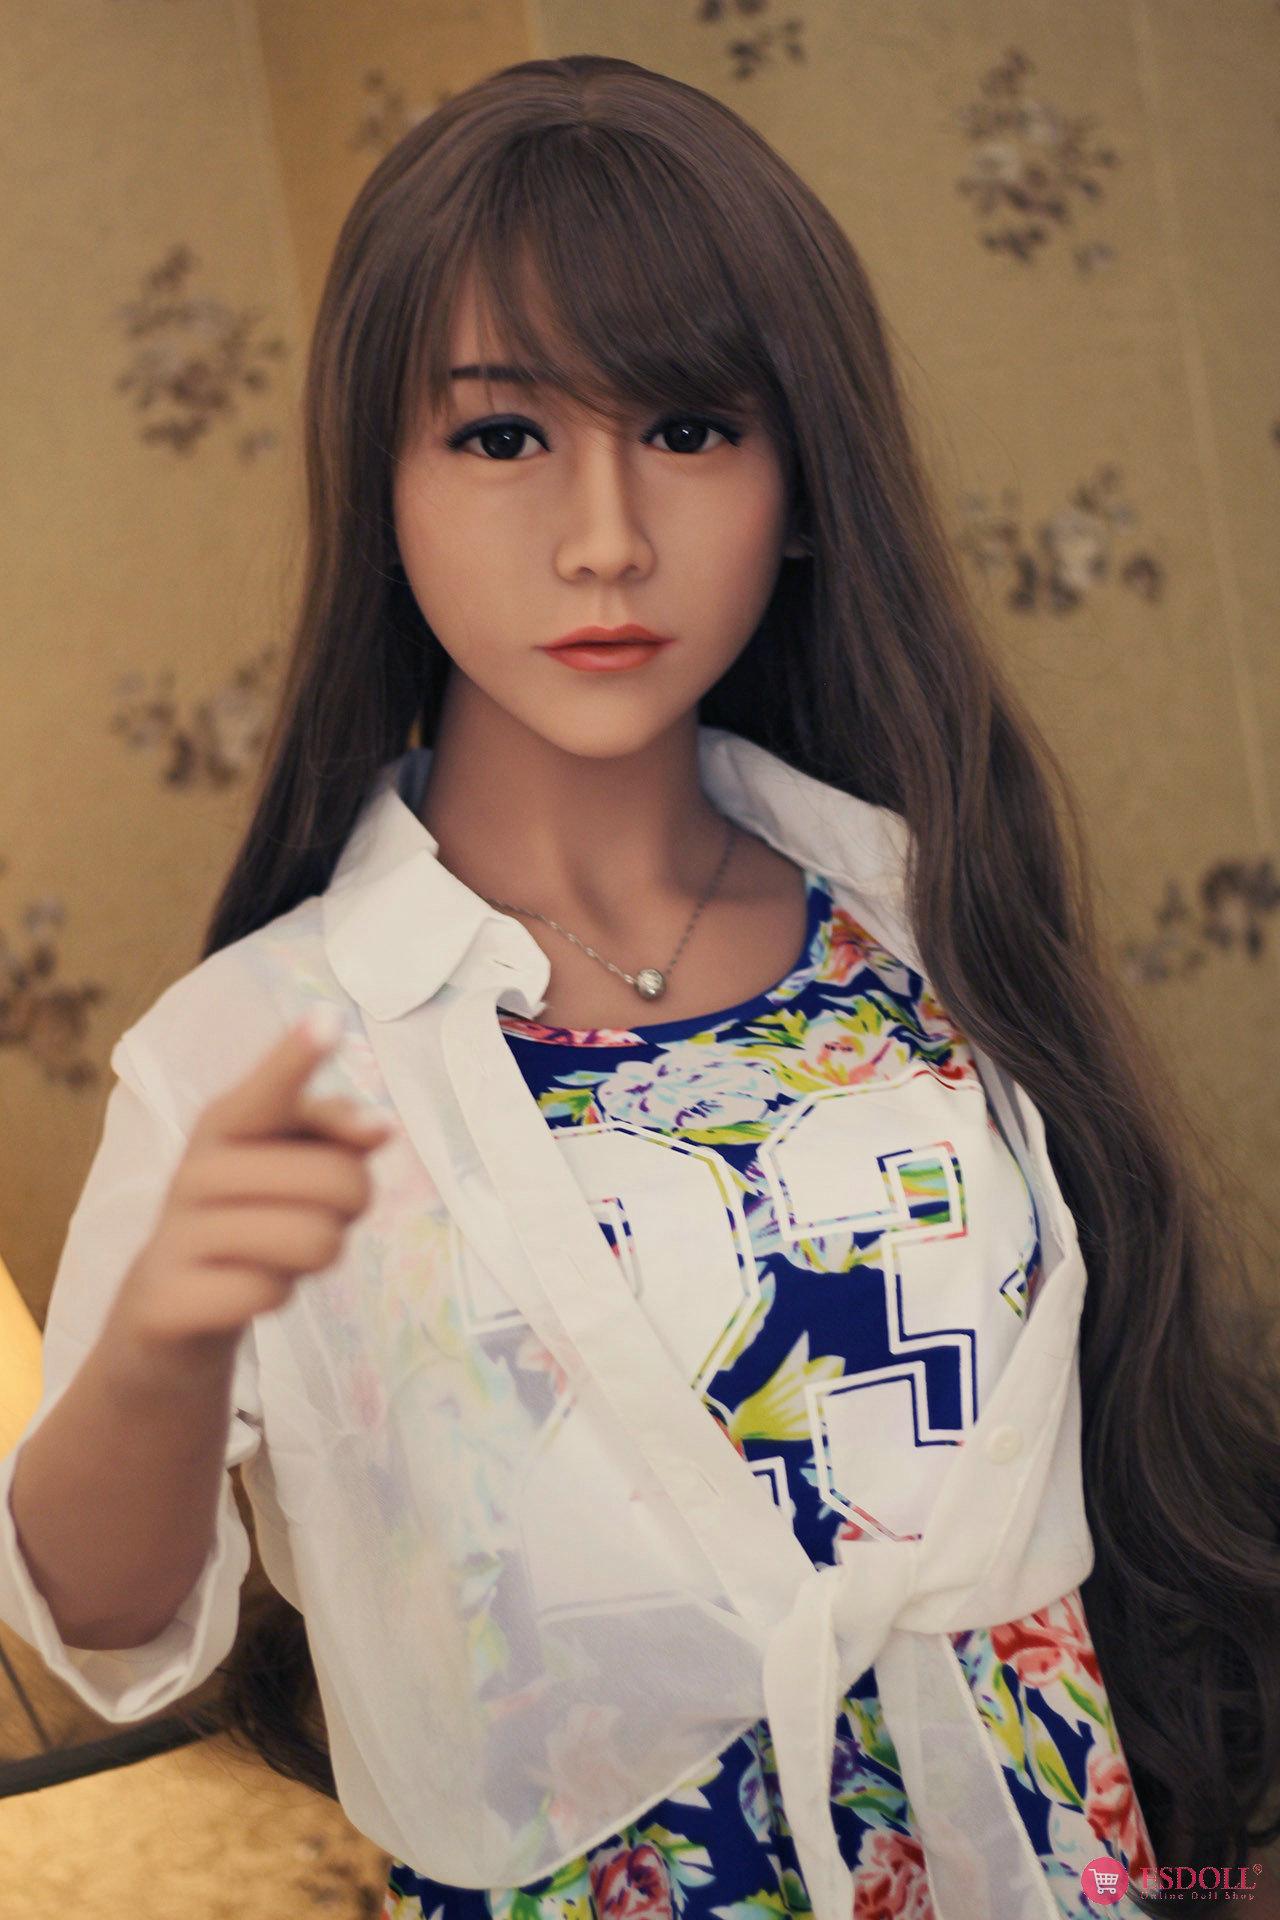 156cm 5.12ft Nicky sex doll - 7